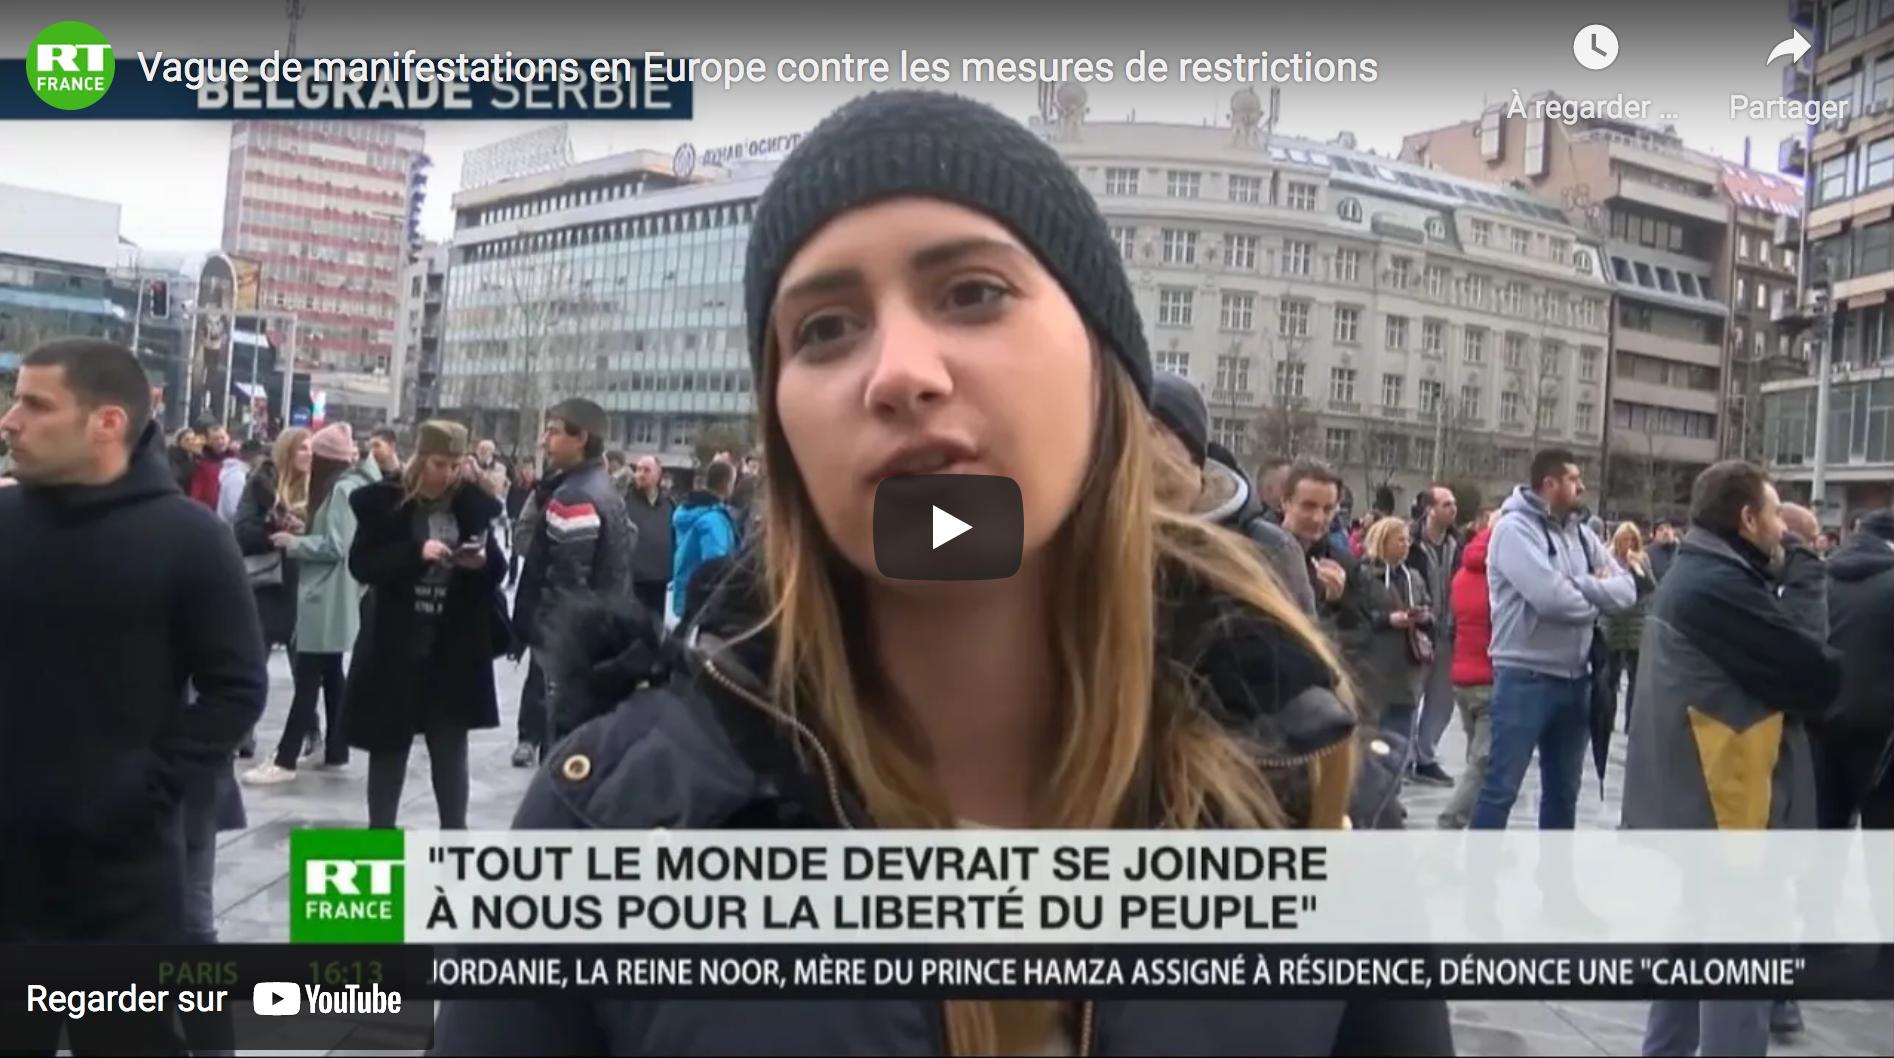 Vague de manifestations en Europe contre les mesures de restrictions (REPORTAGES)